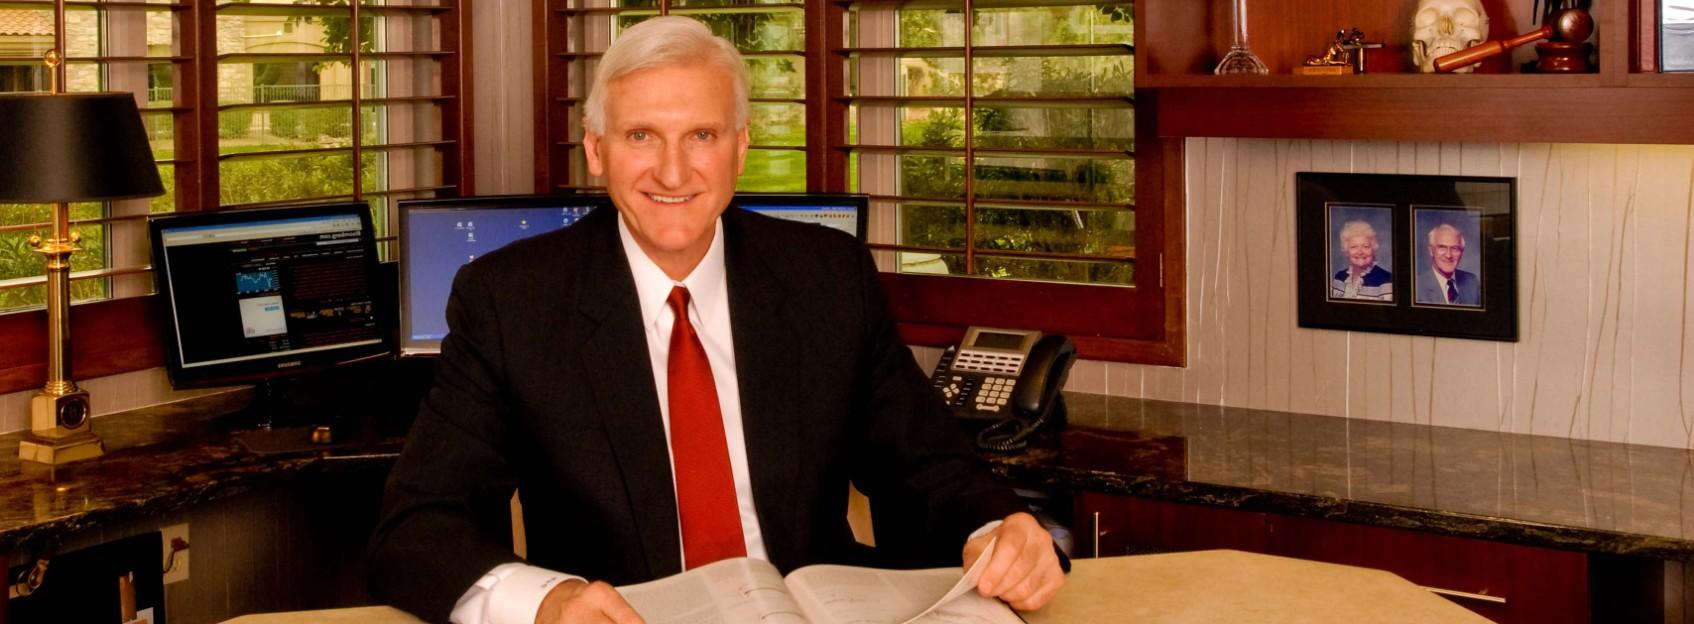 Dr-Robert-Guyette-Scottsdale-AZ